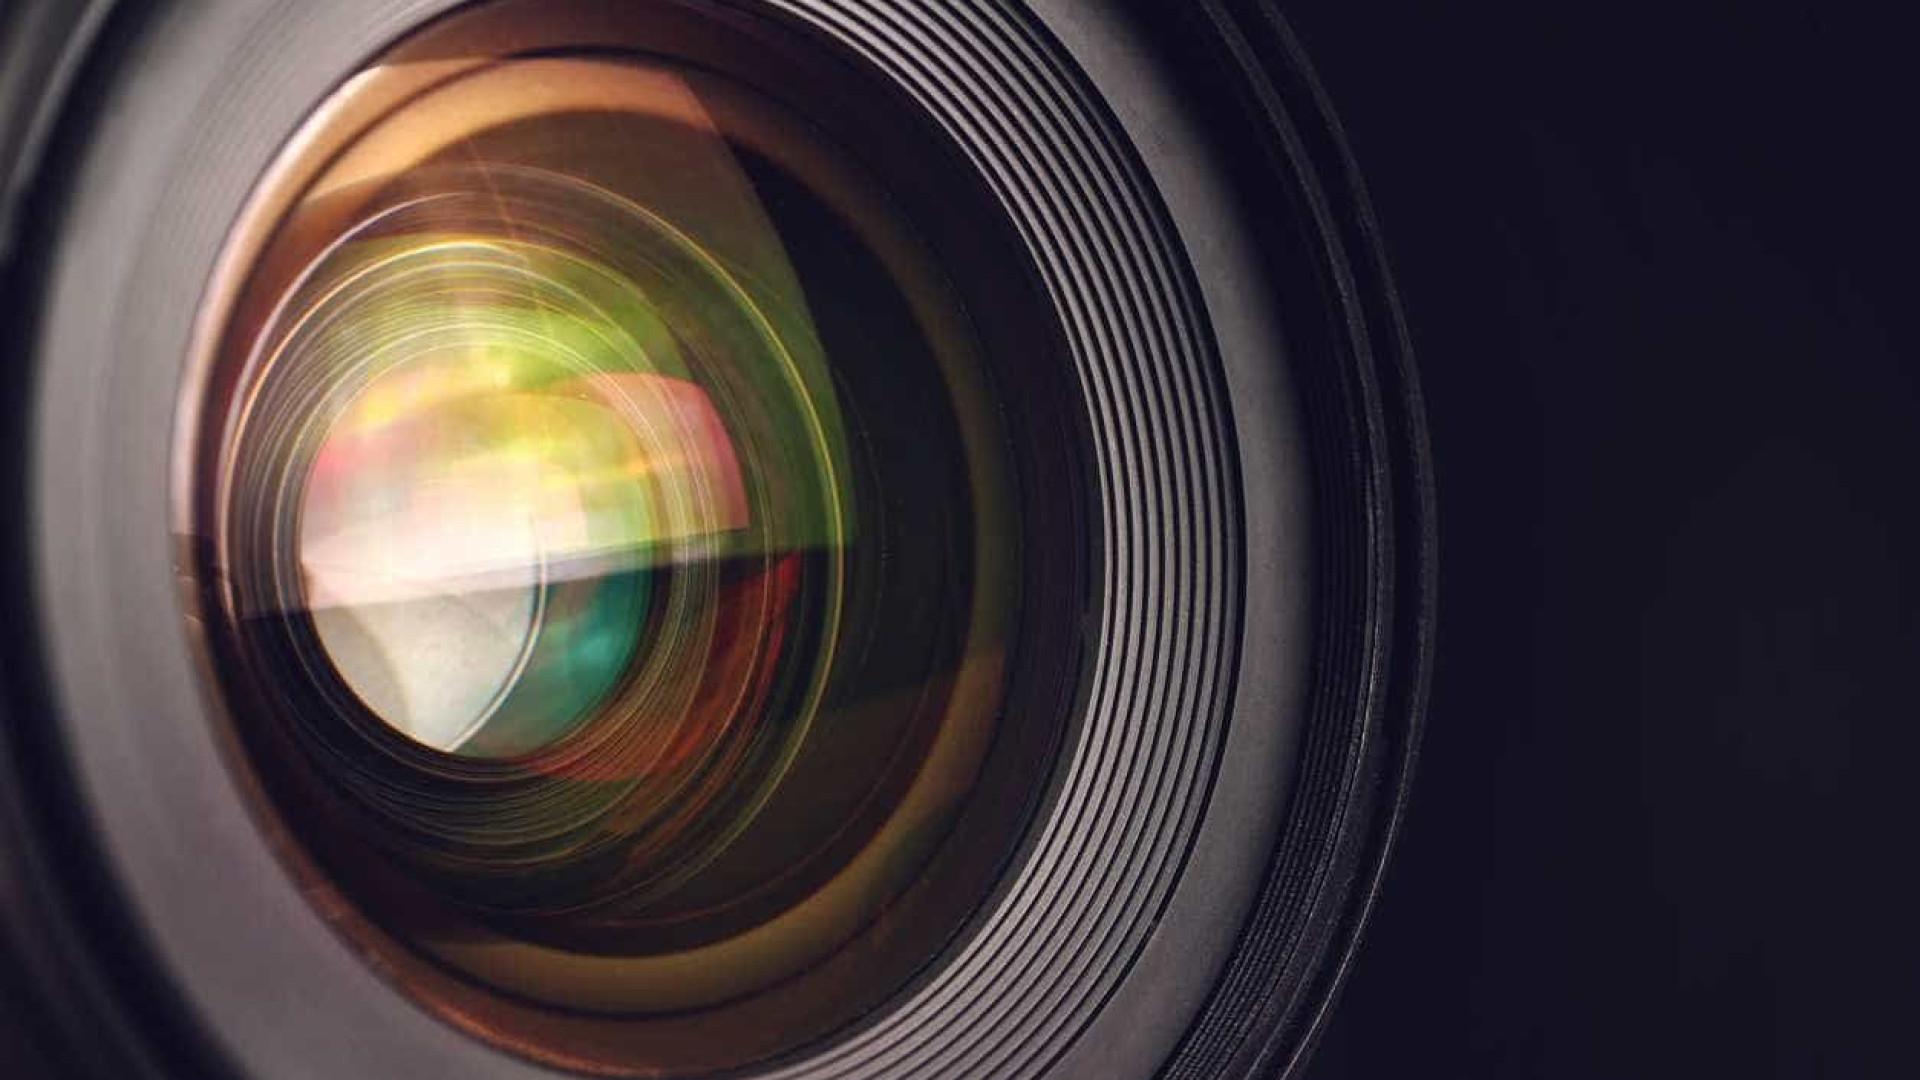 Galeria no Porto recebe exposição de '100 anos de fotografia Leica'